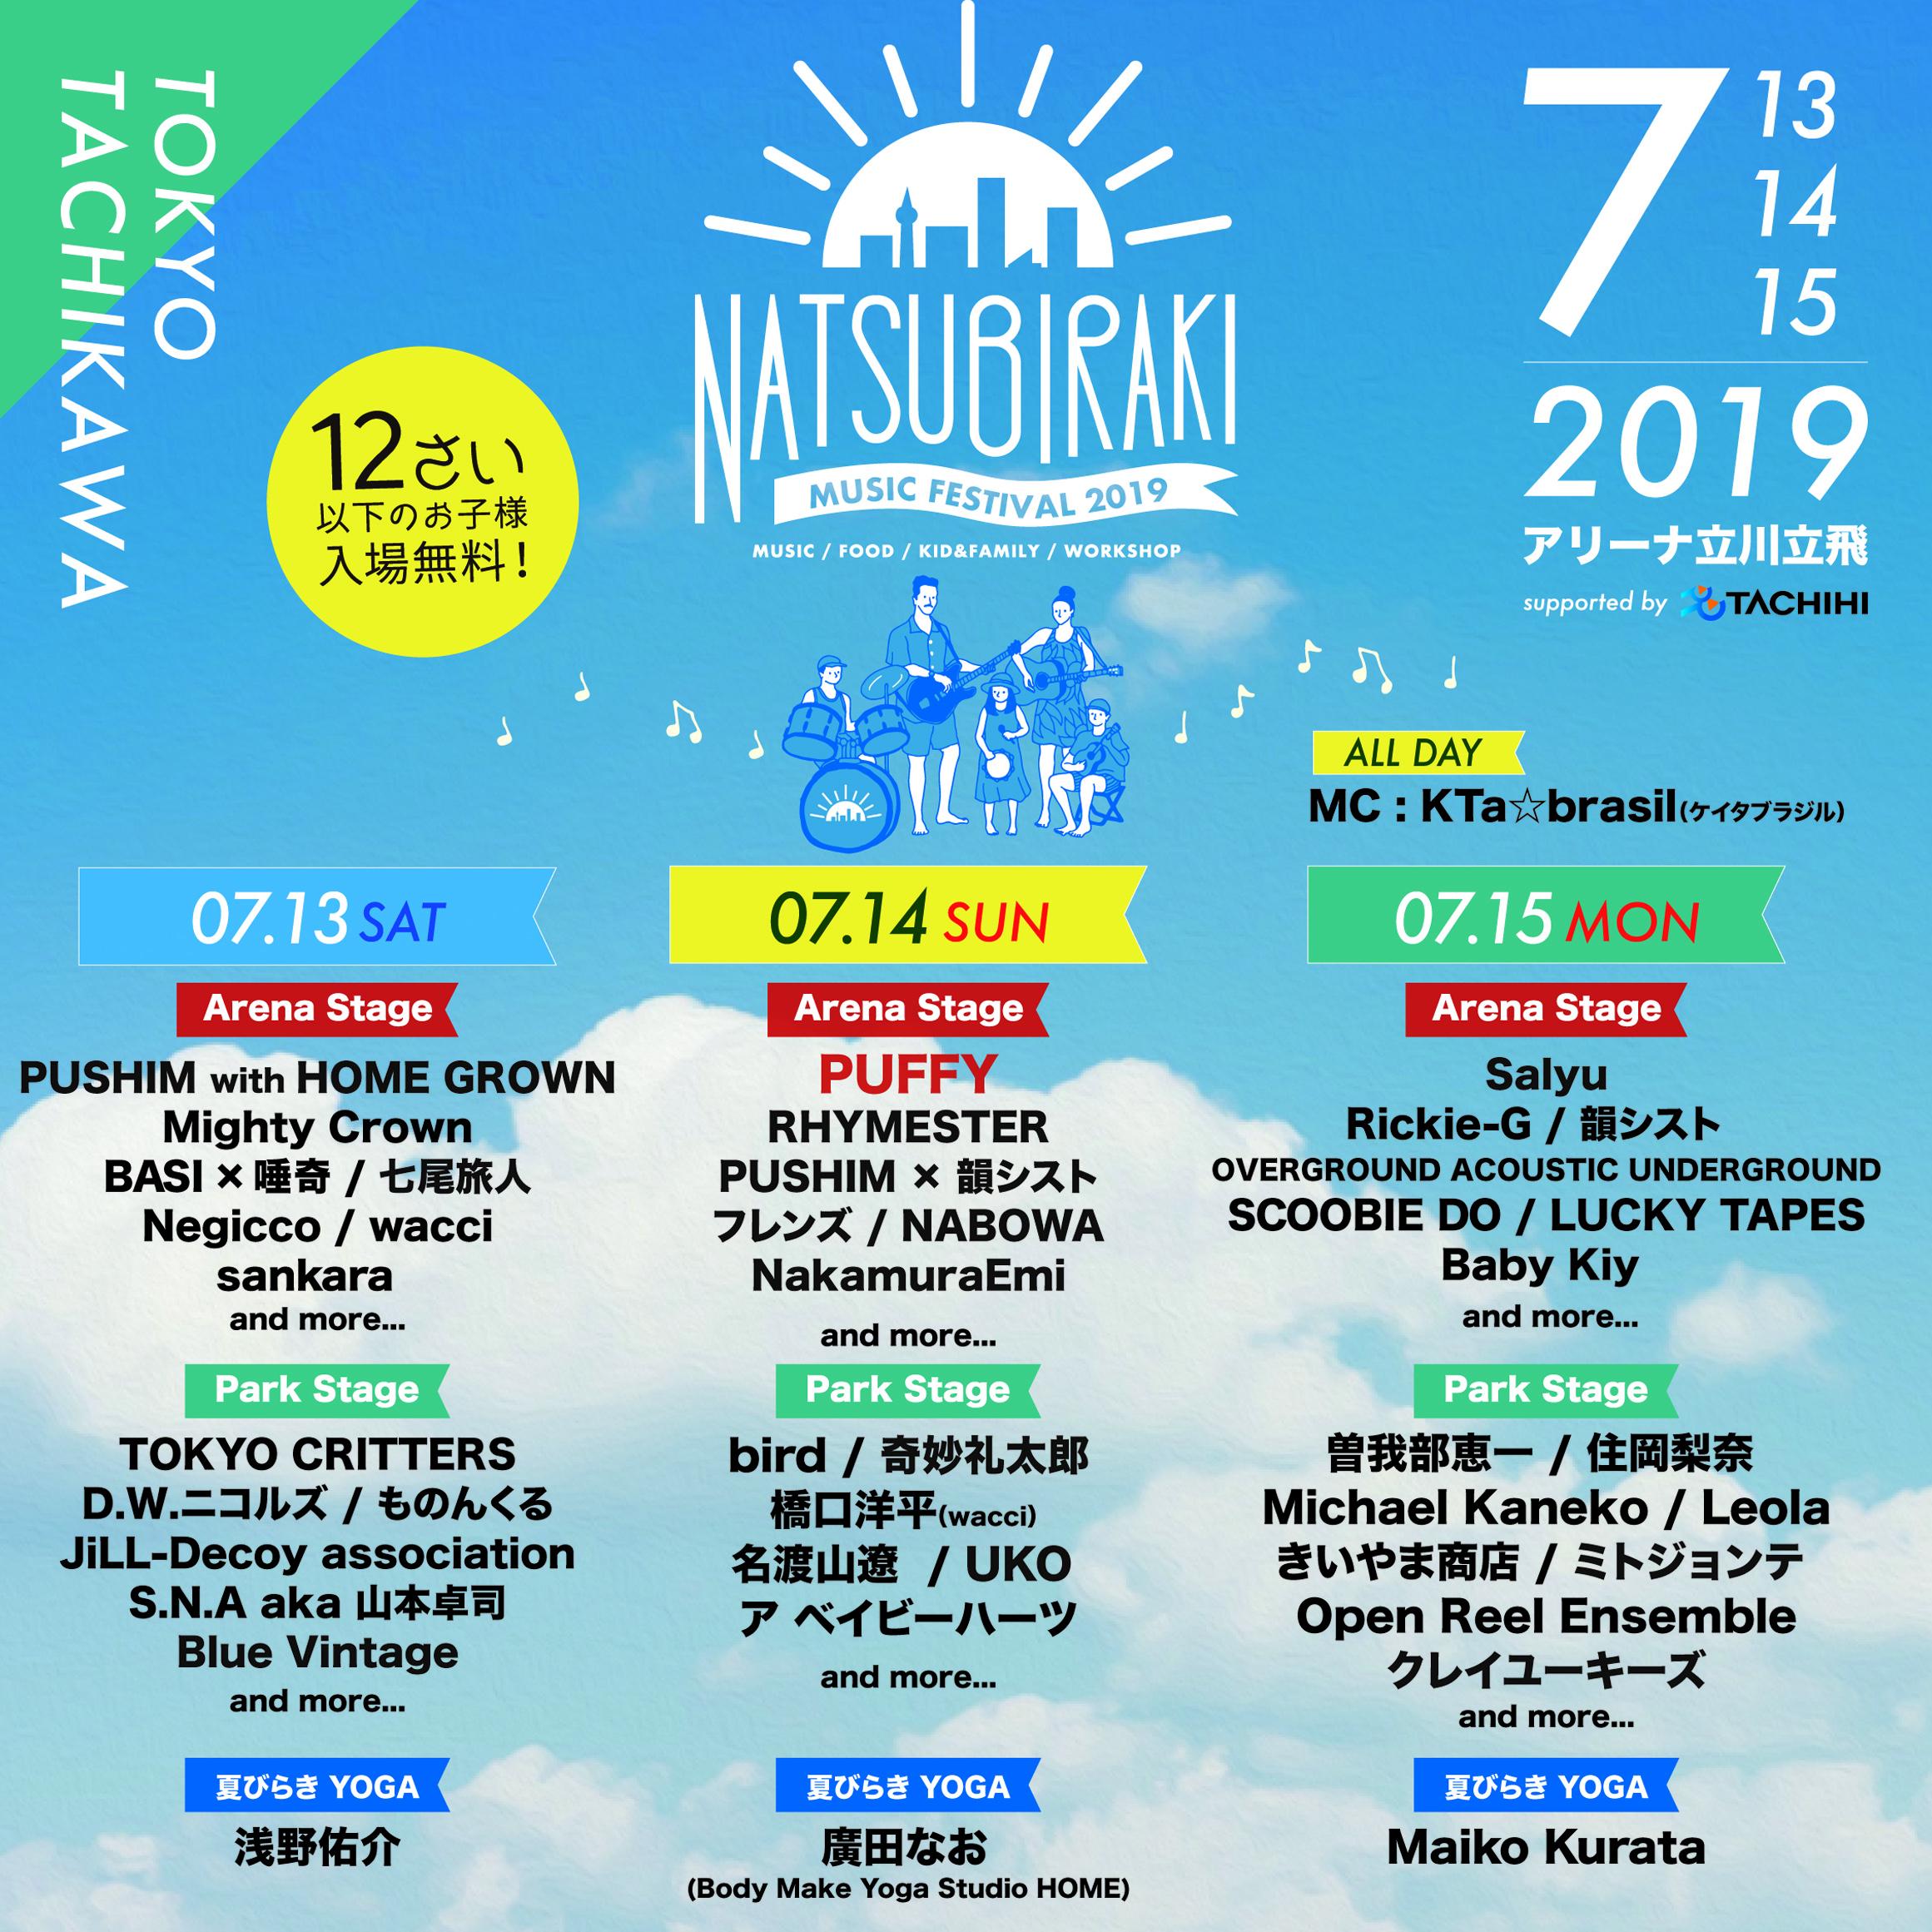 夏びらき MUSIC FESTIVAL2019 東京・立川 supported by 立飛ホールディングス出演決定!